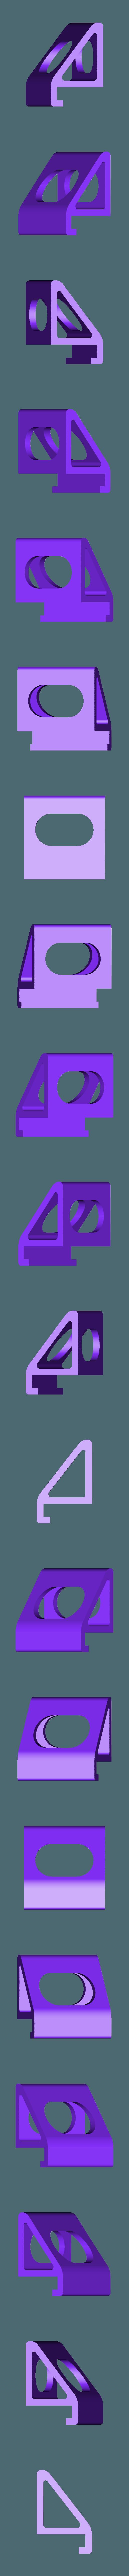 corrector_cinta.obj Download free OBJ file Soporte para gafas para el Quanum Cyclops (Y similares) y otros accesorios • 3D printer model, PaulDrones